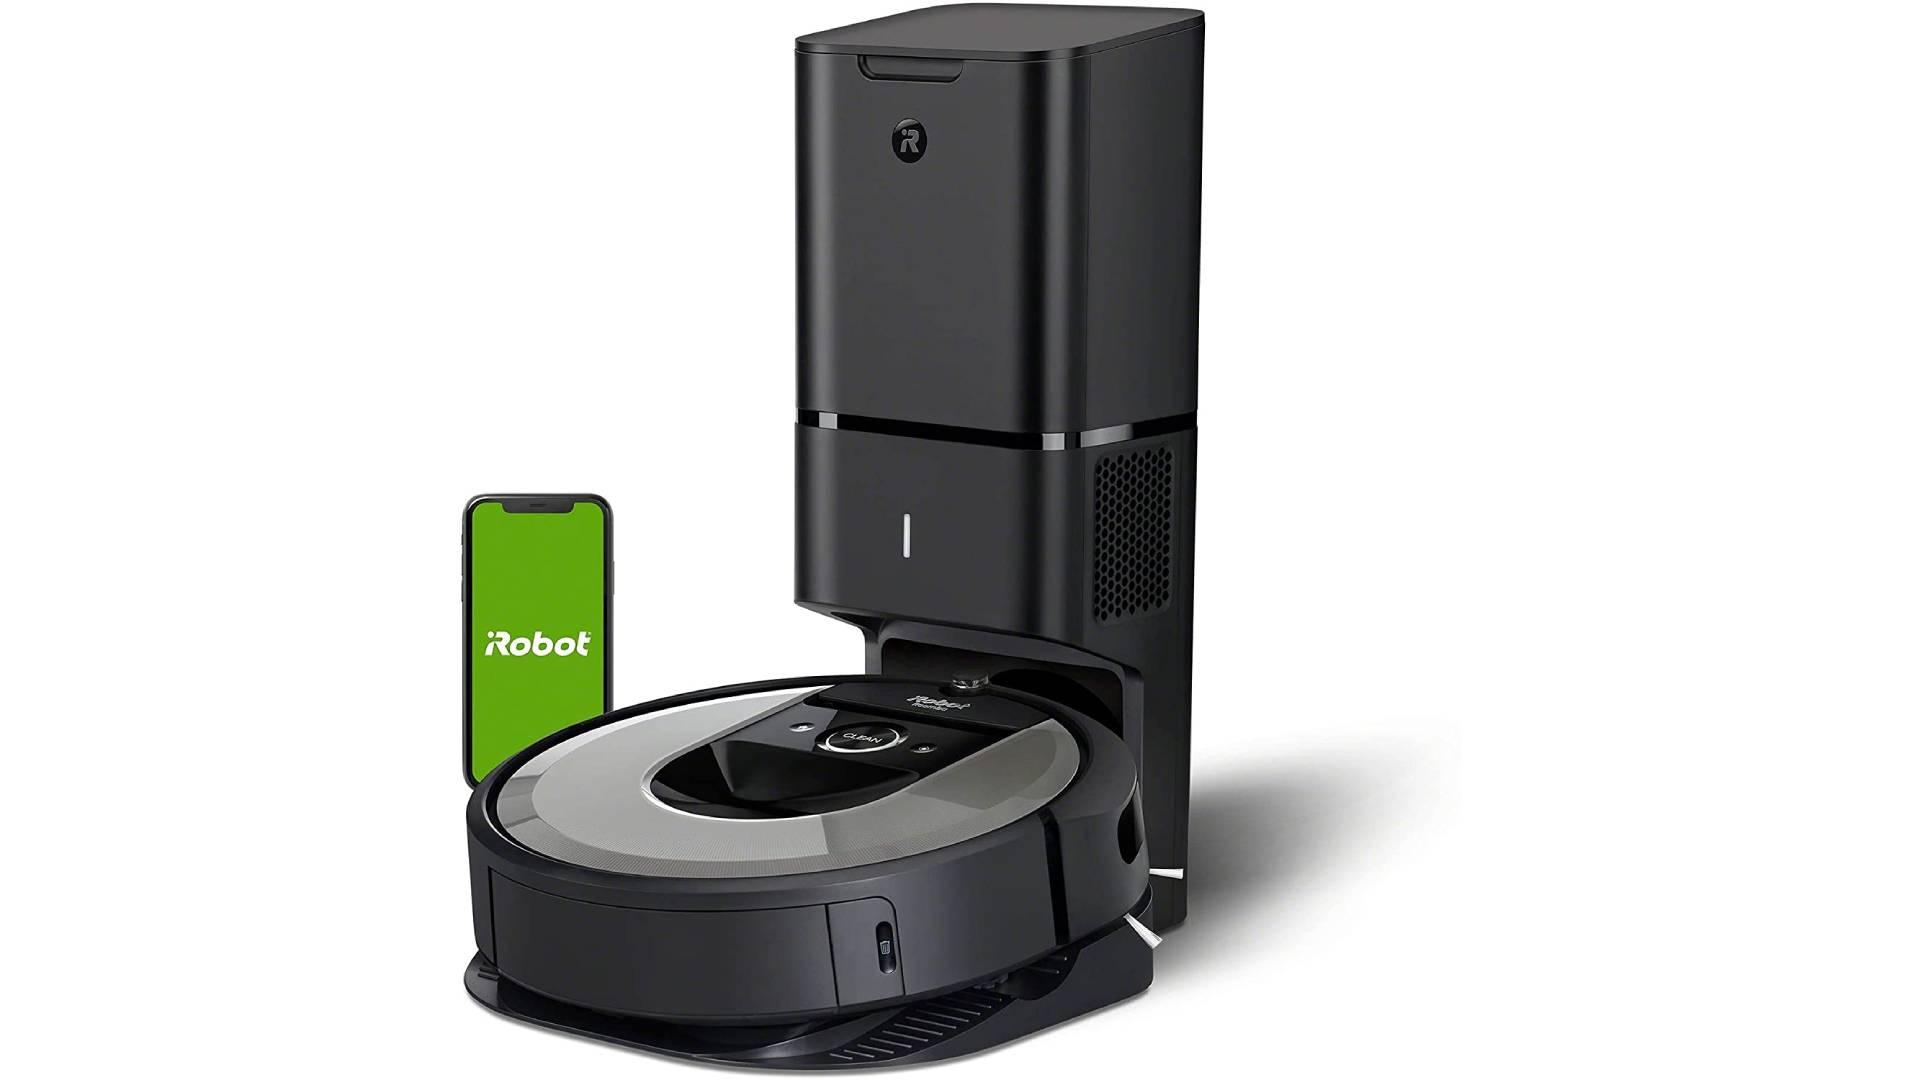 Der iRobot Roomba i7556 Saugroboter im Test und Vergleich